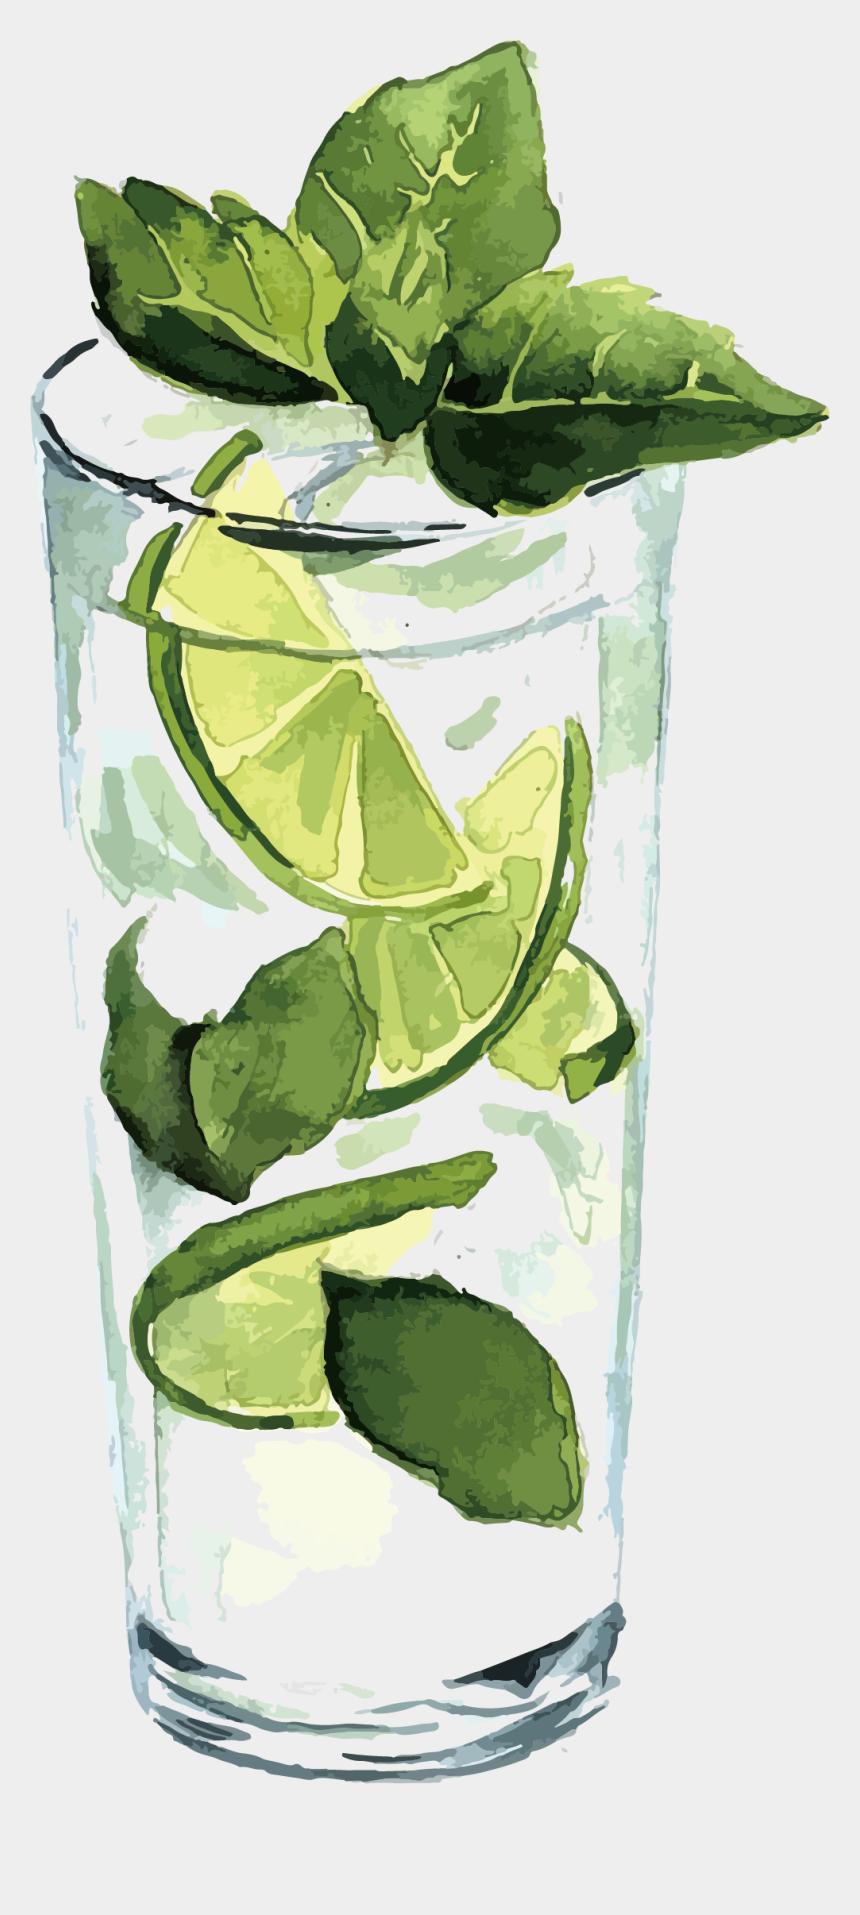 mint clipart, Cartoons - Lemon Clipart, Juice, Clip Art, Juice Fast, Juicing, - Free Watercolor Cocktails Vector